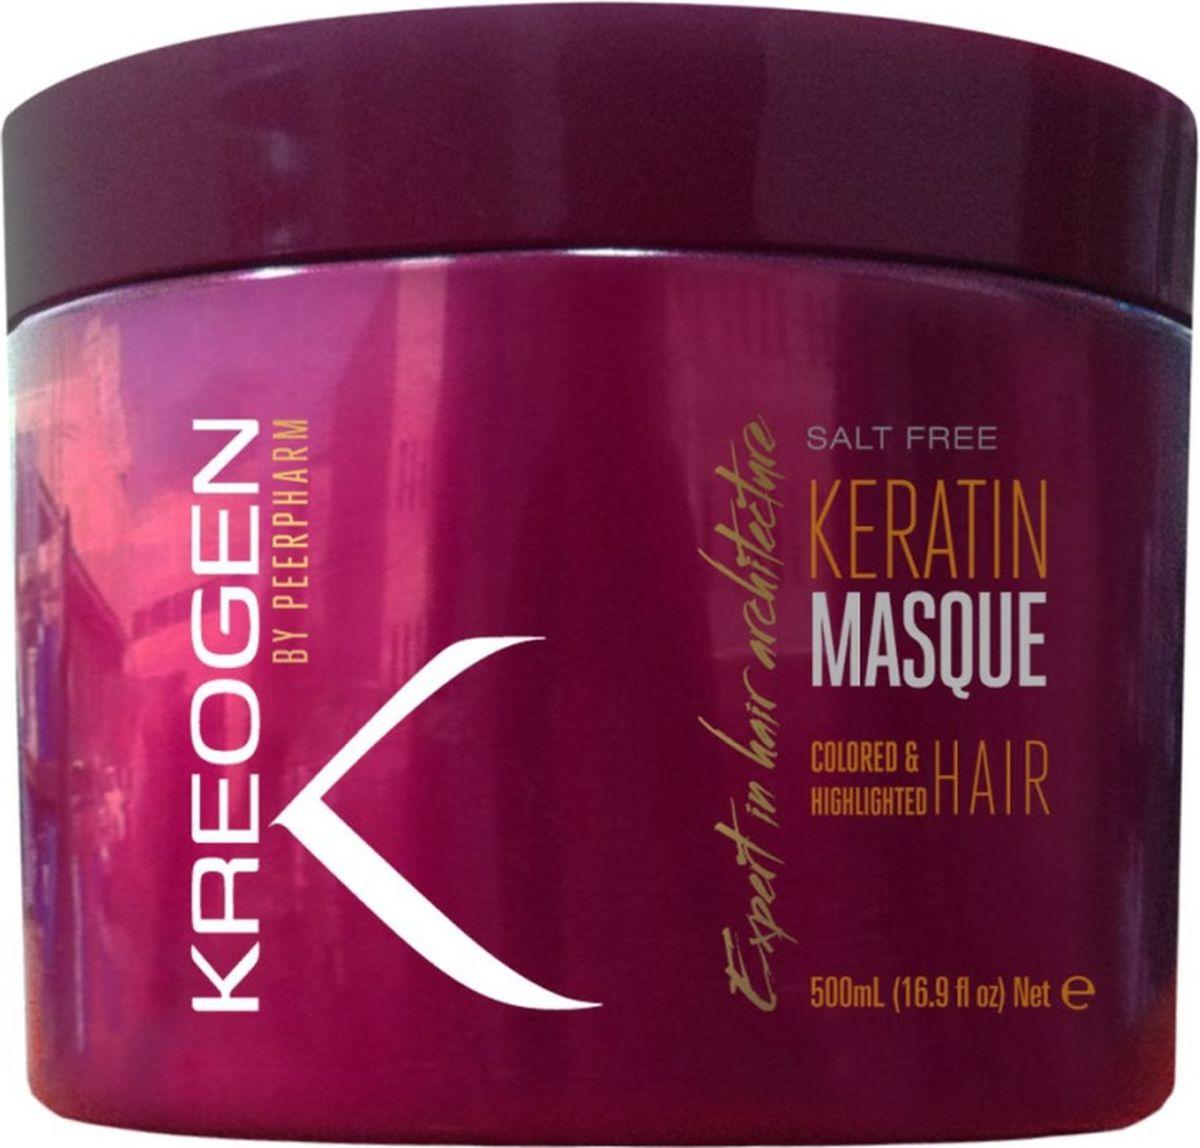 Kreogen Бессолевая кератиновая маска для окрашенных и обесцвеченных волос, Kreogen, 500 млKr2033Основной активный ингредиент косметики Kreogen - кератин - чрезвычайно сильный протеин, основной компонент структуры волос.- восстанавливает жизненную силу и подчеркивает красоту недавно окрашенных или мелированных волос;- быстро увлажняет, волосы приобретают красивый блеск, легко расчесываются, становятся мягкими и роскошными на ощупь;- не вымывает и не допускает потускнение пигмента краски для волос.